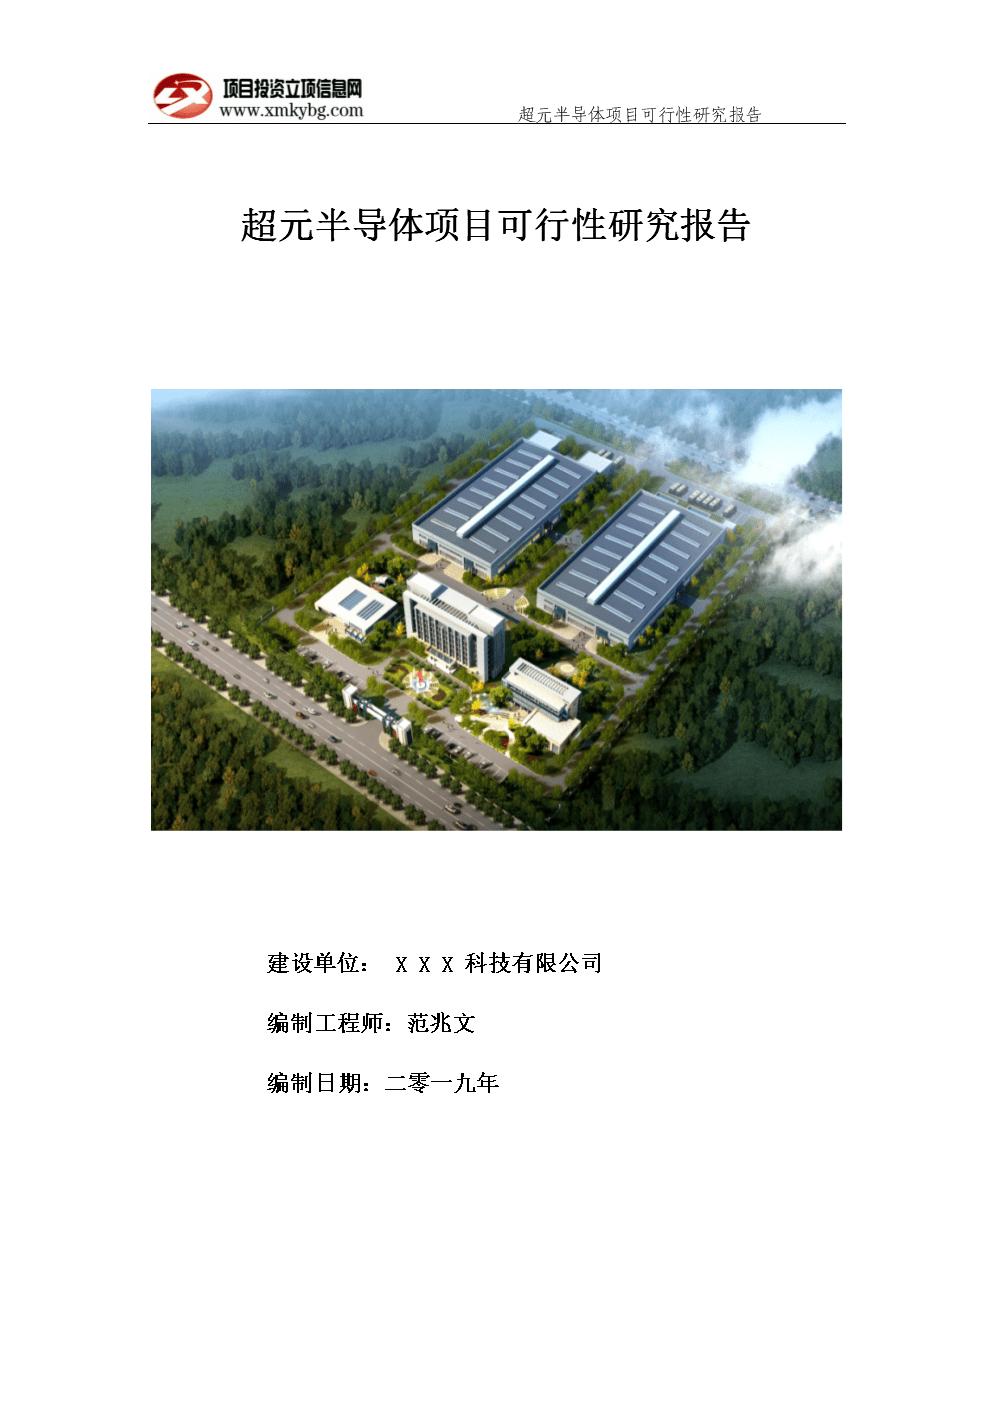 超元半导体项目可行性研究报告-用于备案立项.doc